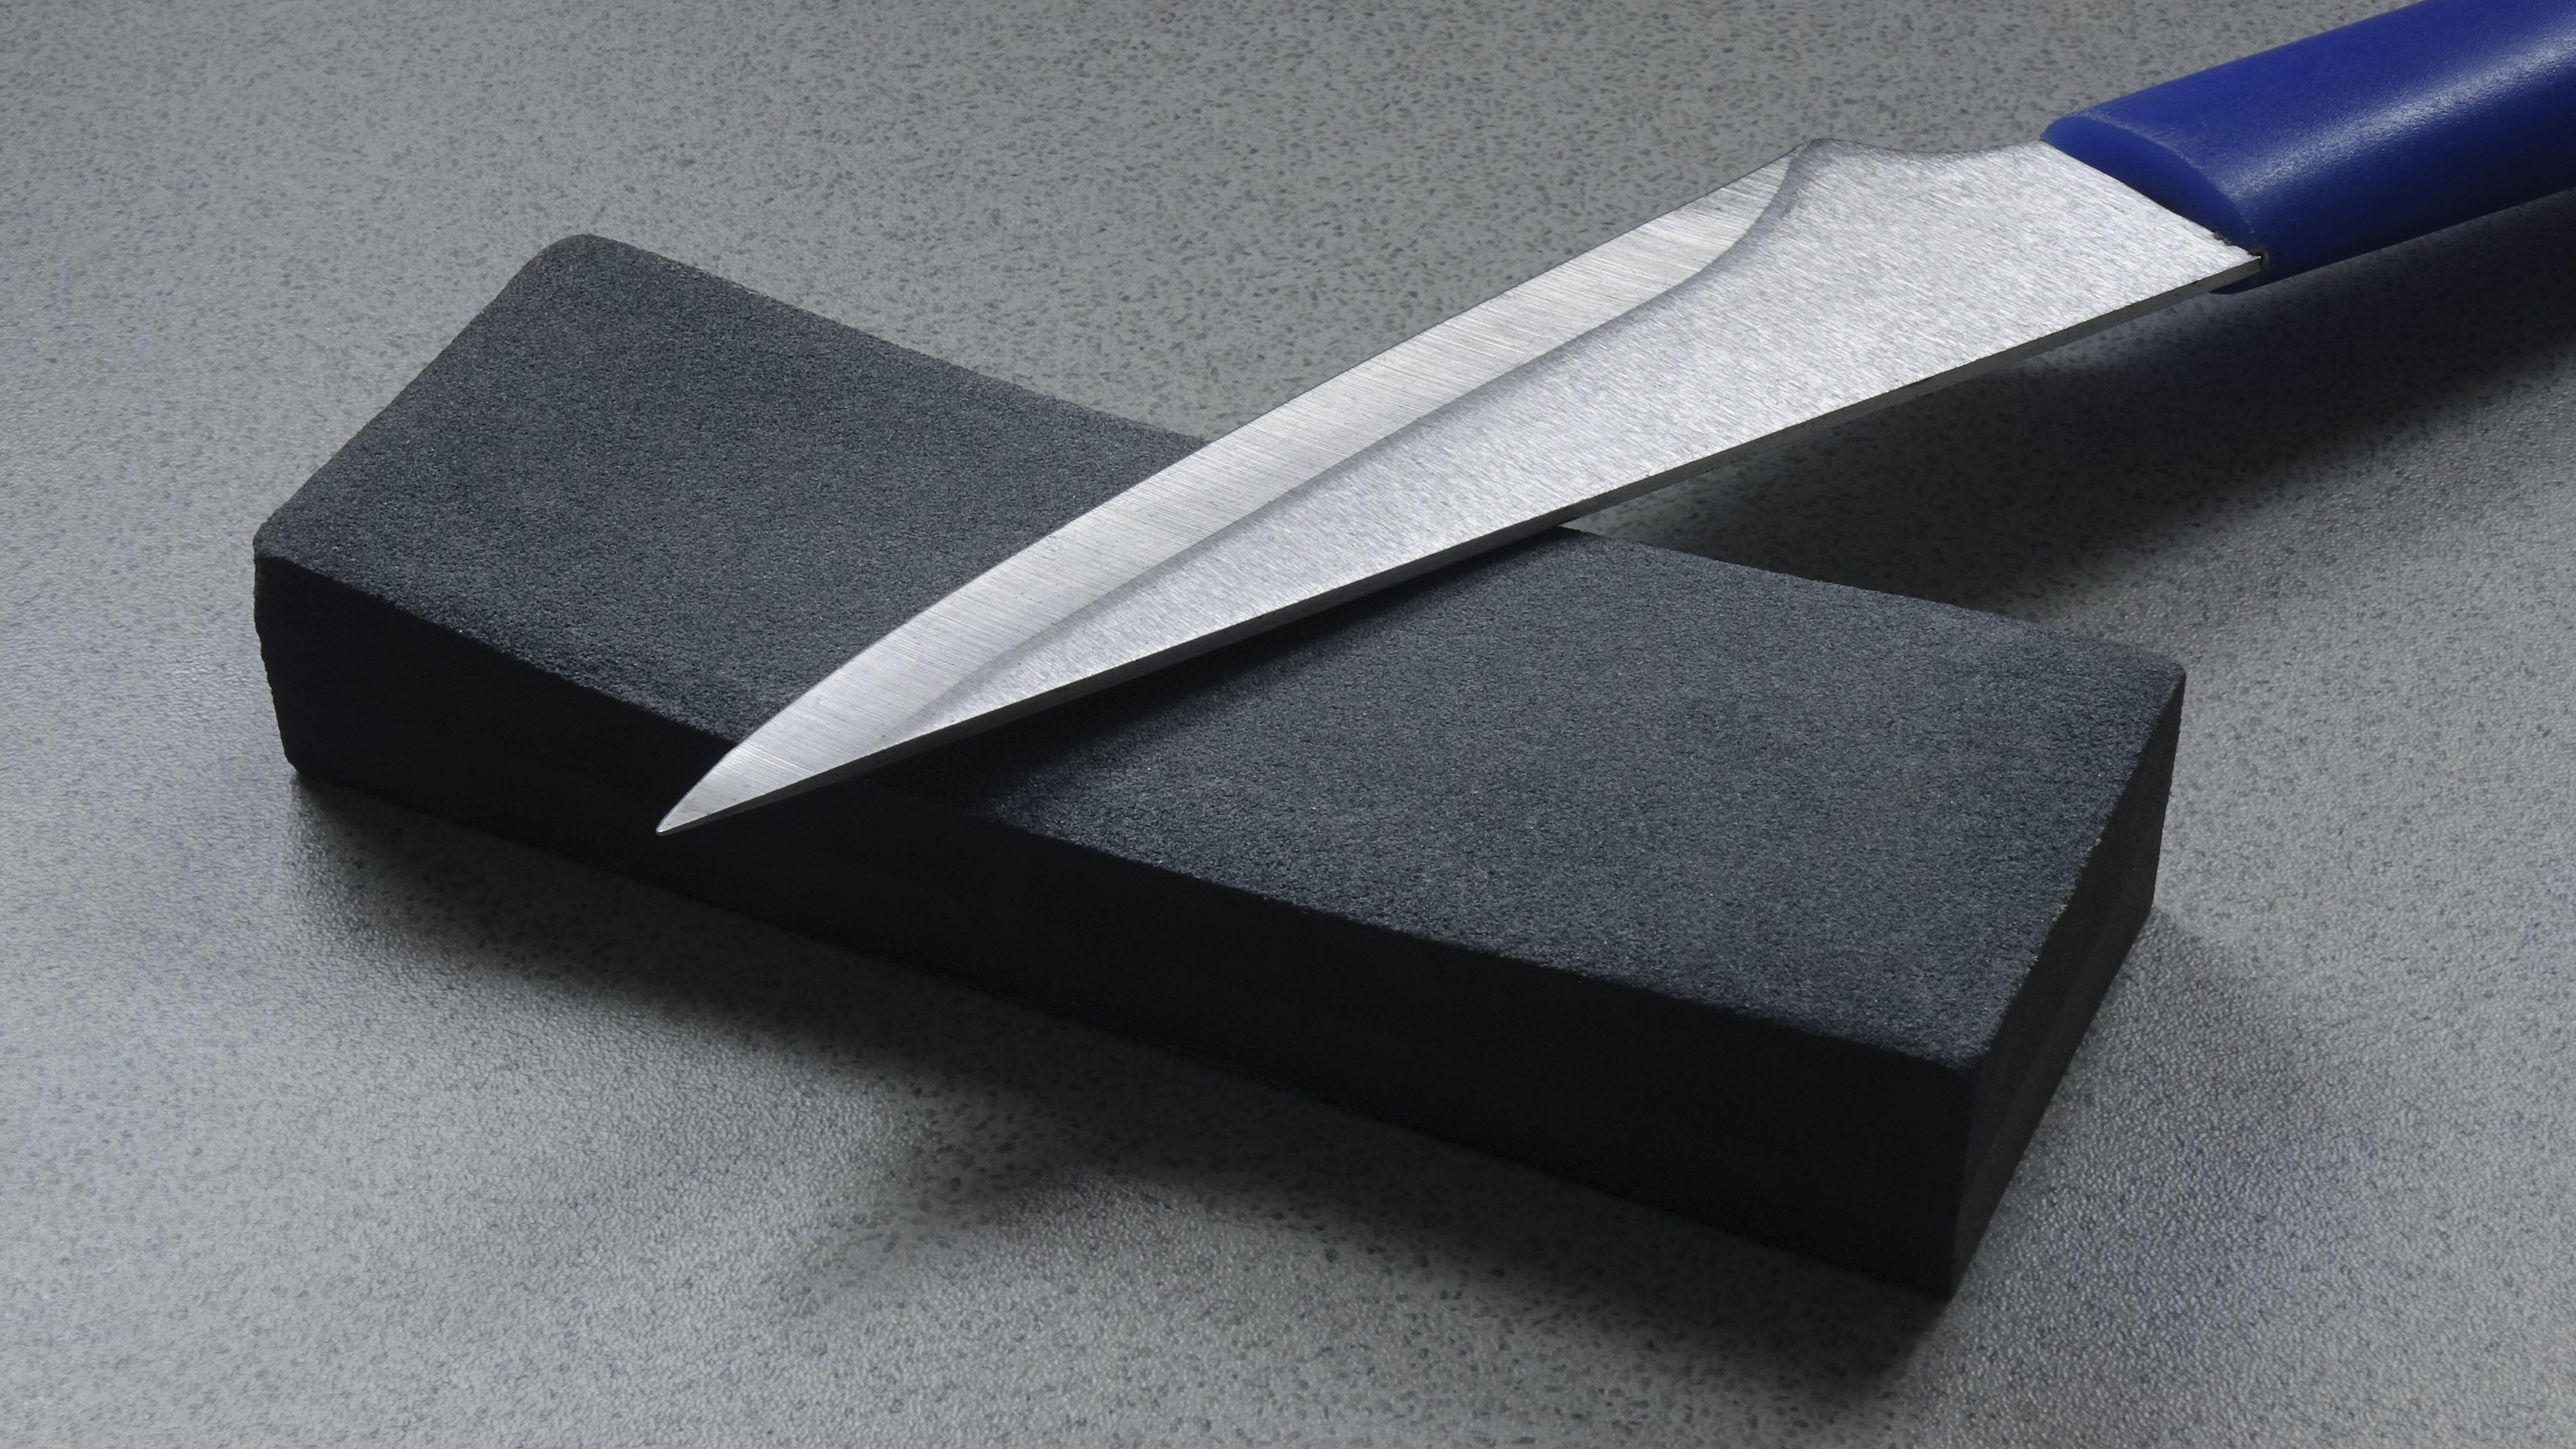 Schleifen Sie Ihre Messer im richtigen Winkel, um sie lange scharf zu halten.